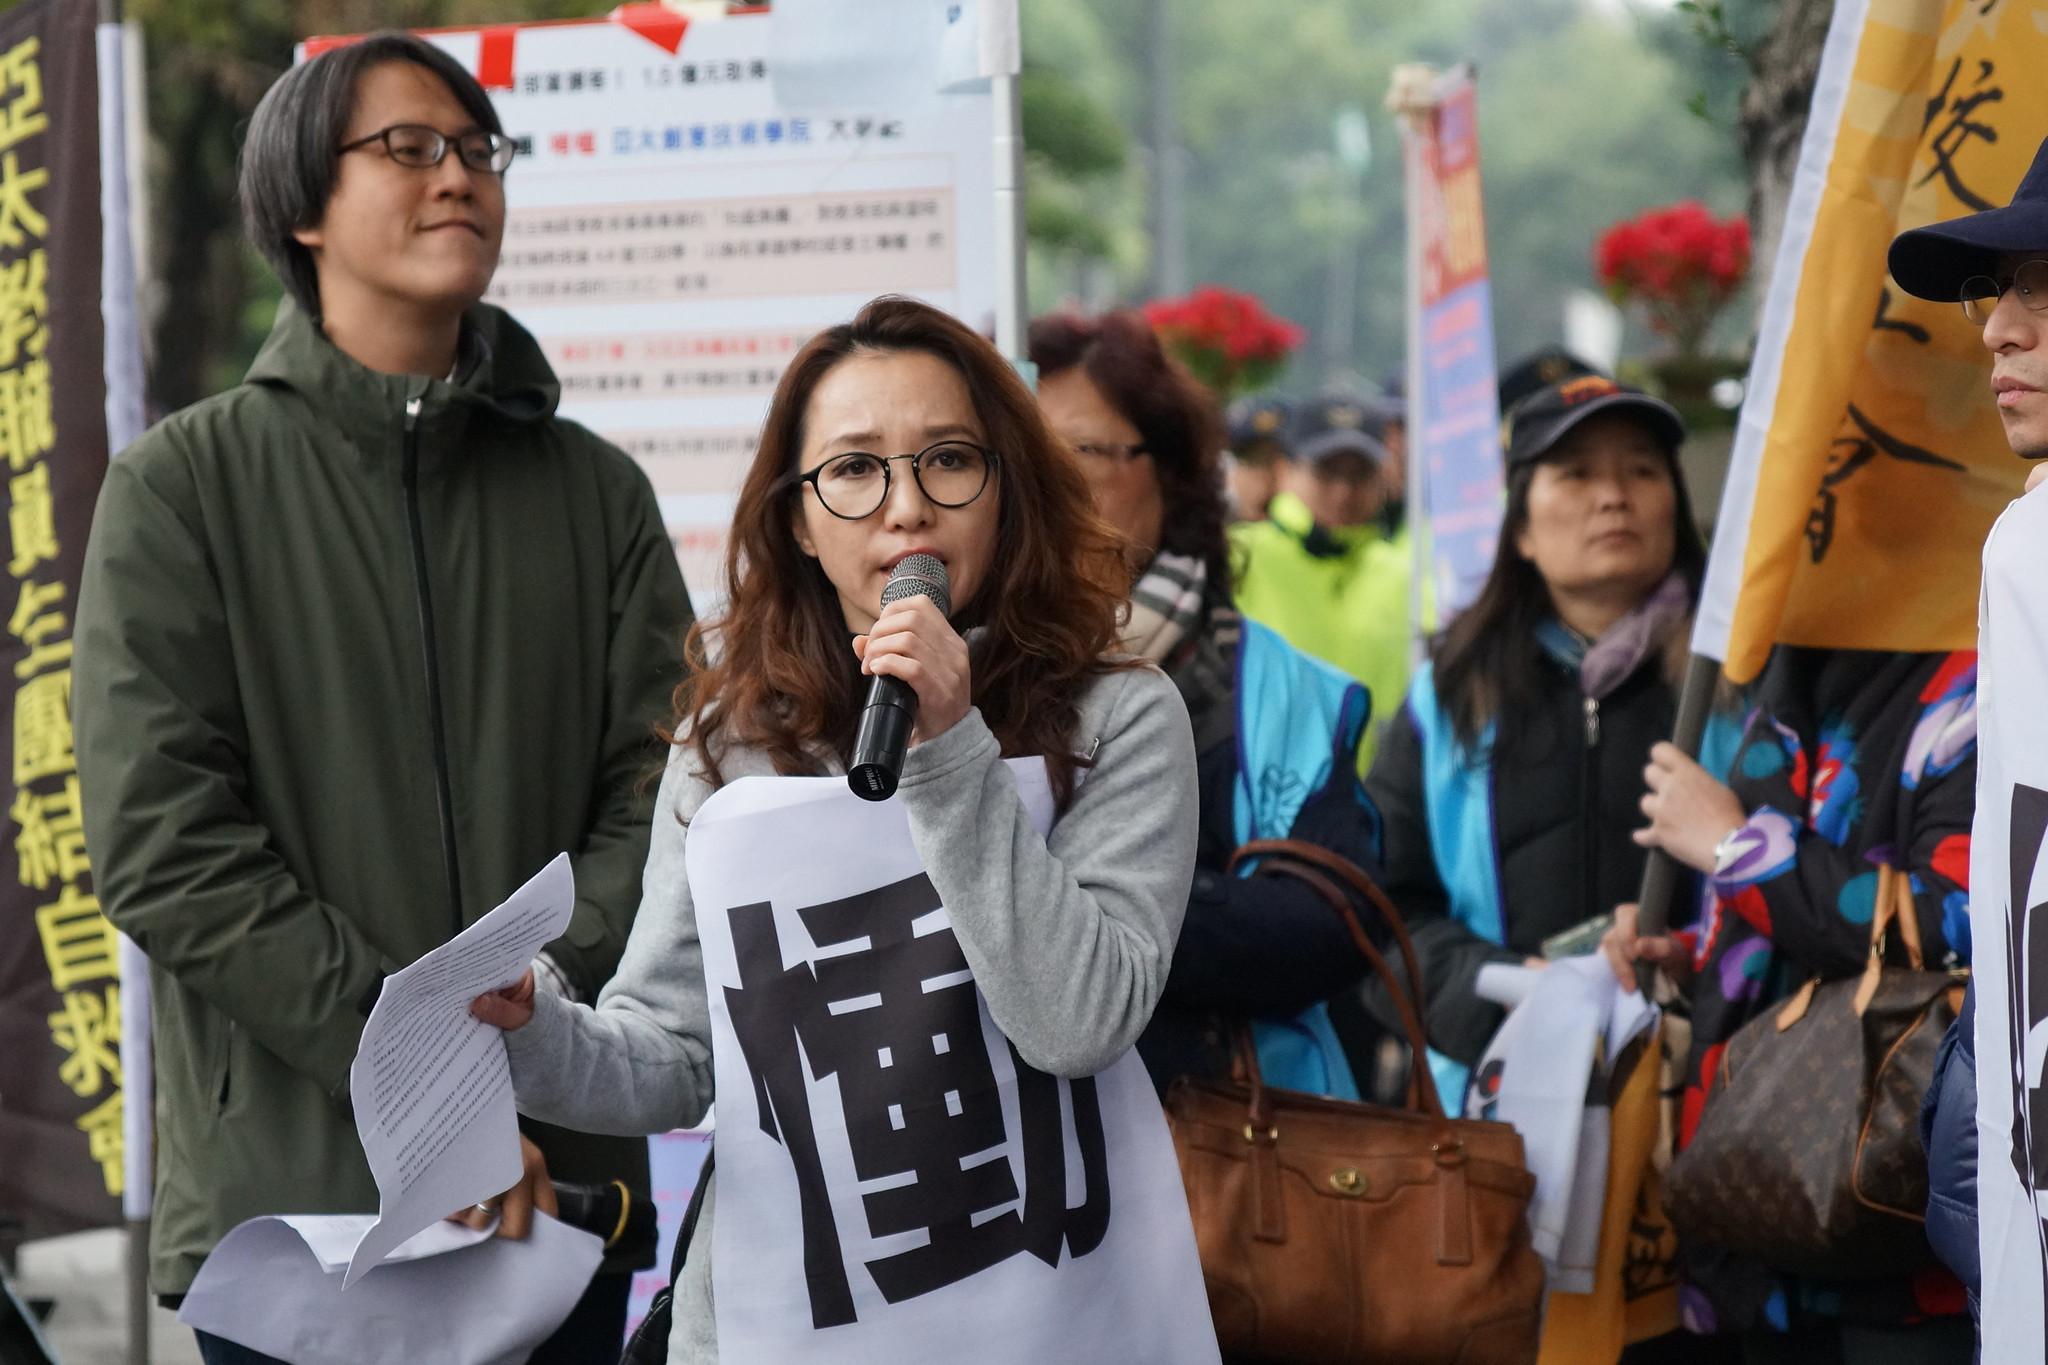 亞太教師黃惠芝批評教育部失能,師生怒火已到臨界點。(攝影:王顥中)